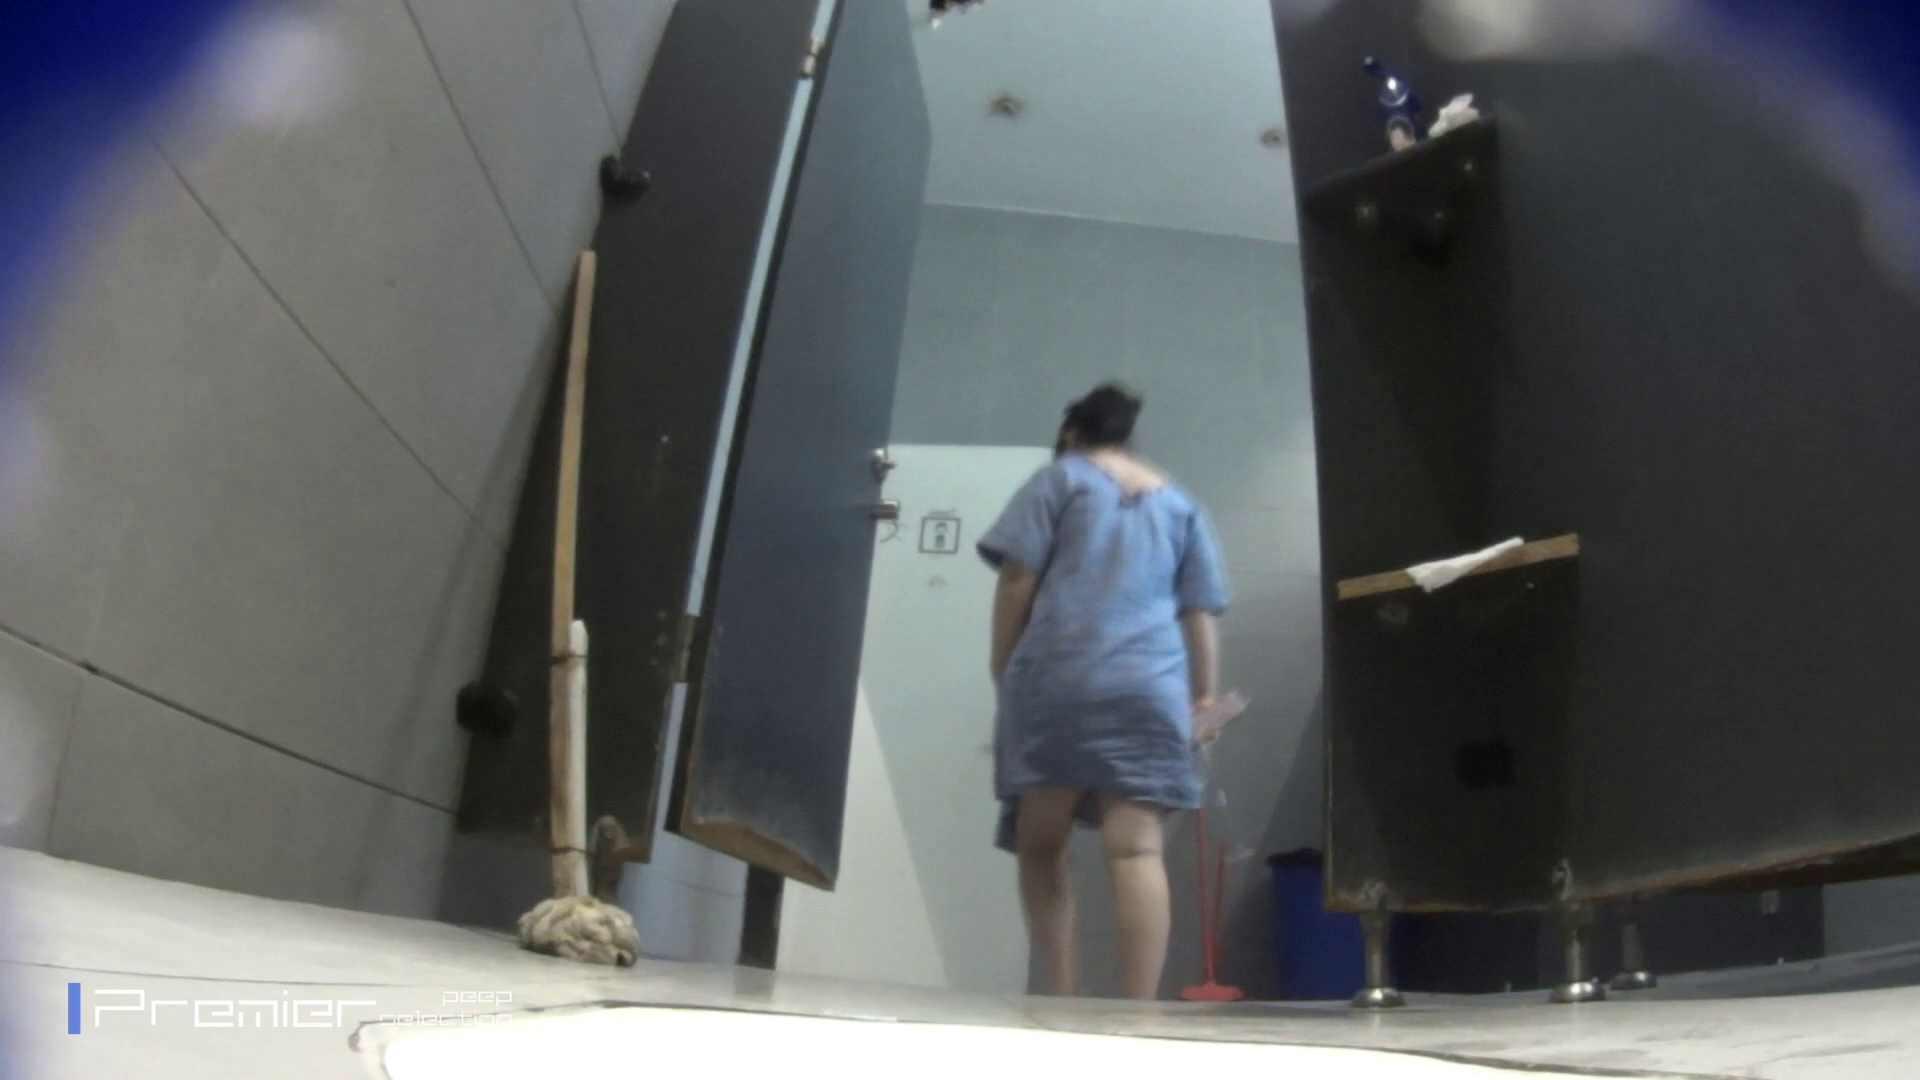 個室のドアを開けたまま放nyoする乙女 大学休憩時間の洗面所事情85 美女 ワレメ動画紹介 90画像 32